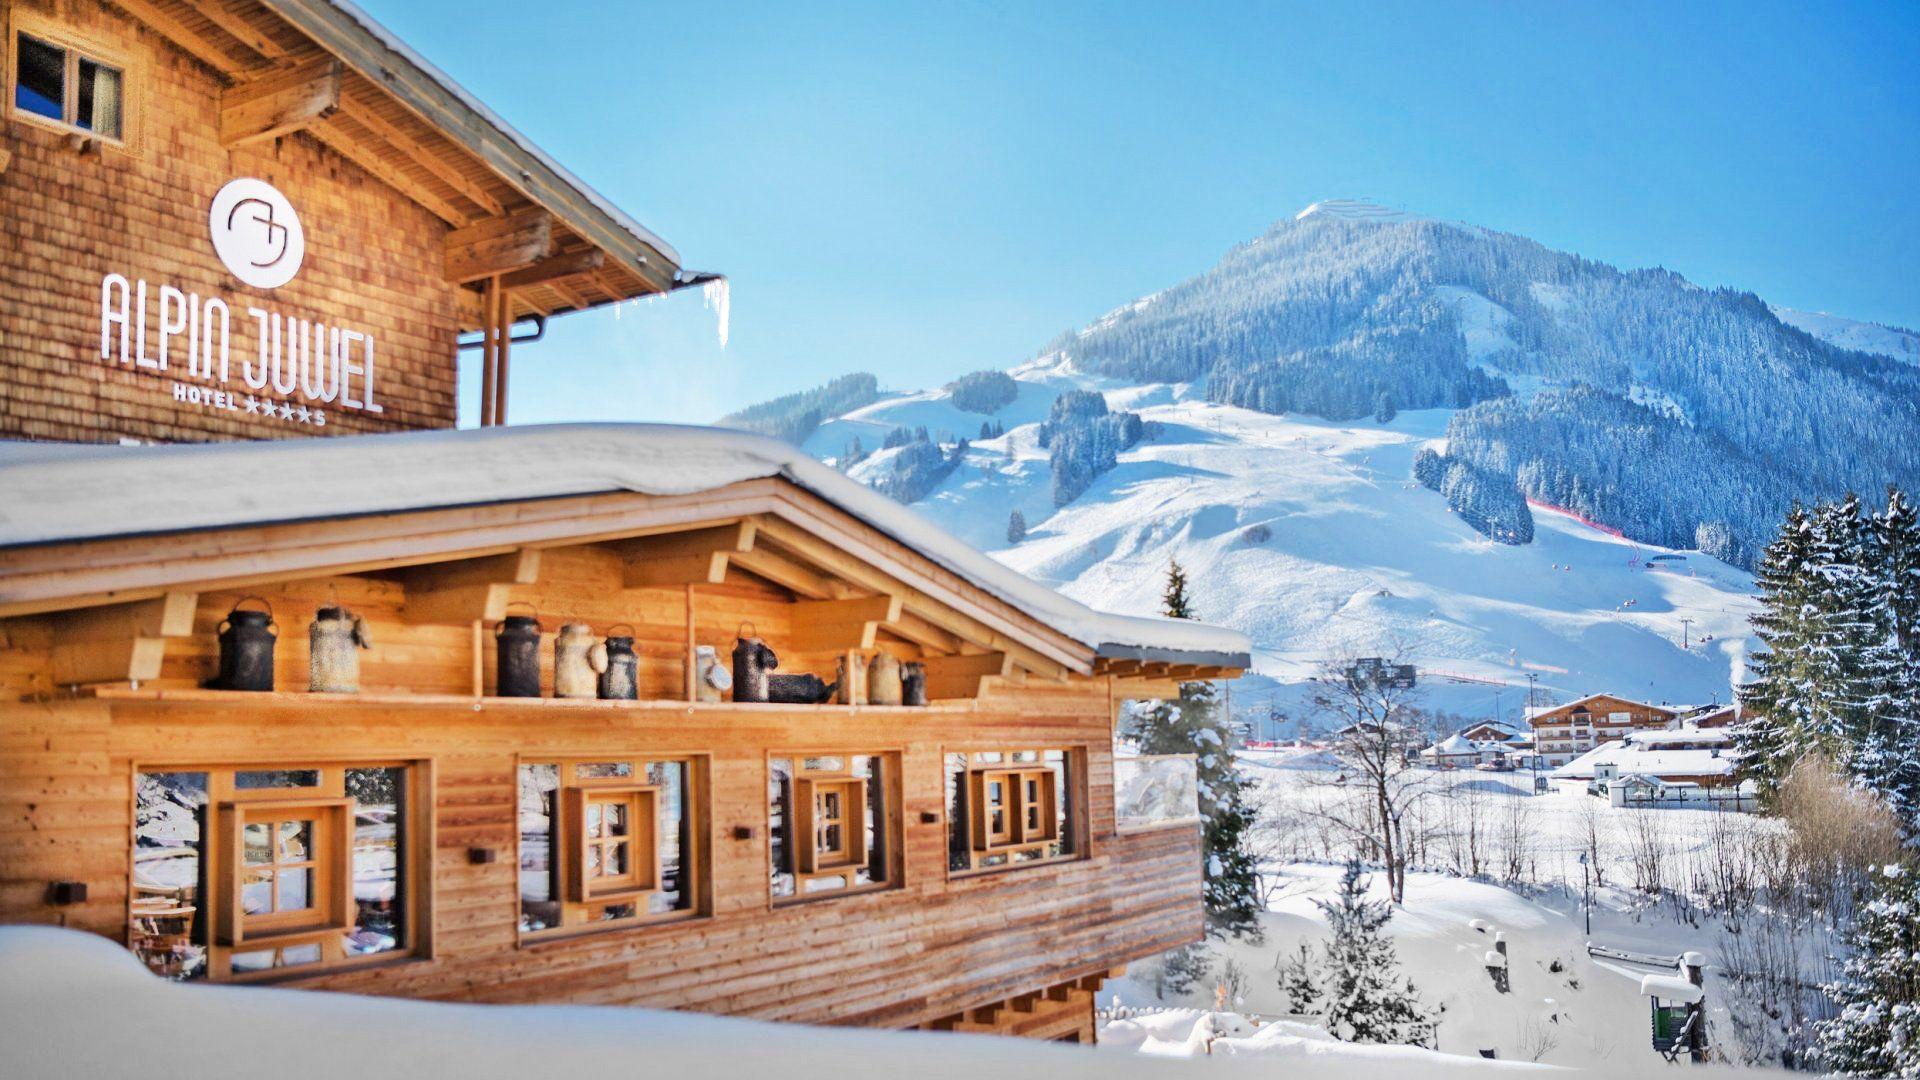 Wellnesshotel Alpin Juwel - Slide 1